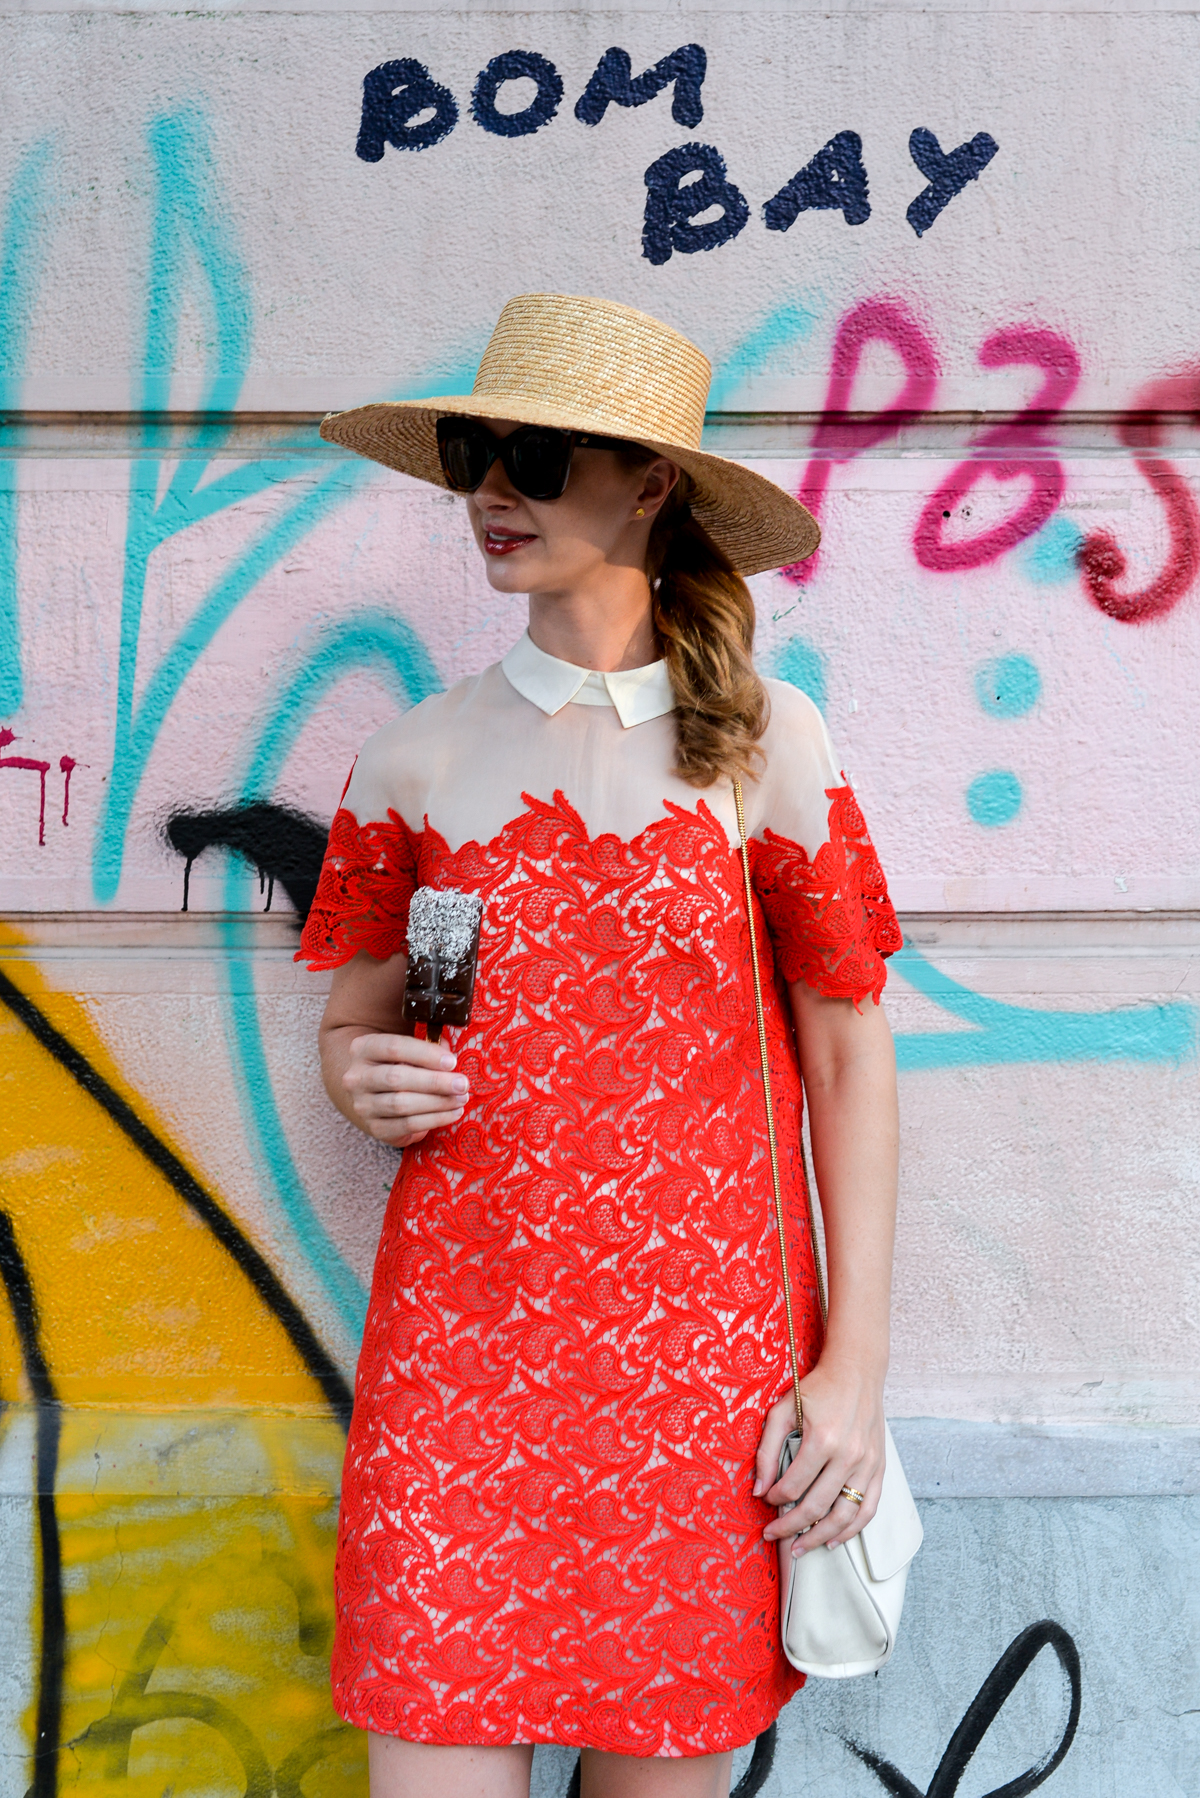 Stacie Flinner x Matildas Boutique Hotel Santiago-16